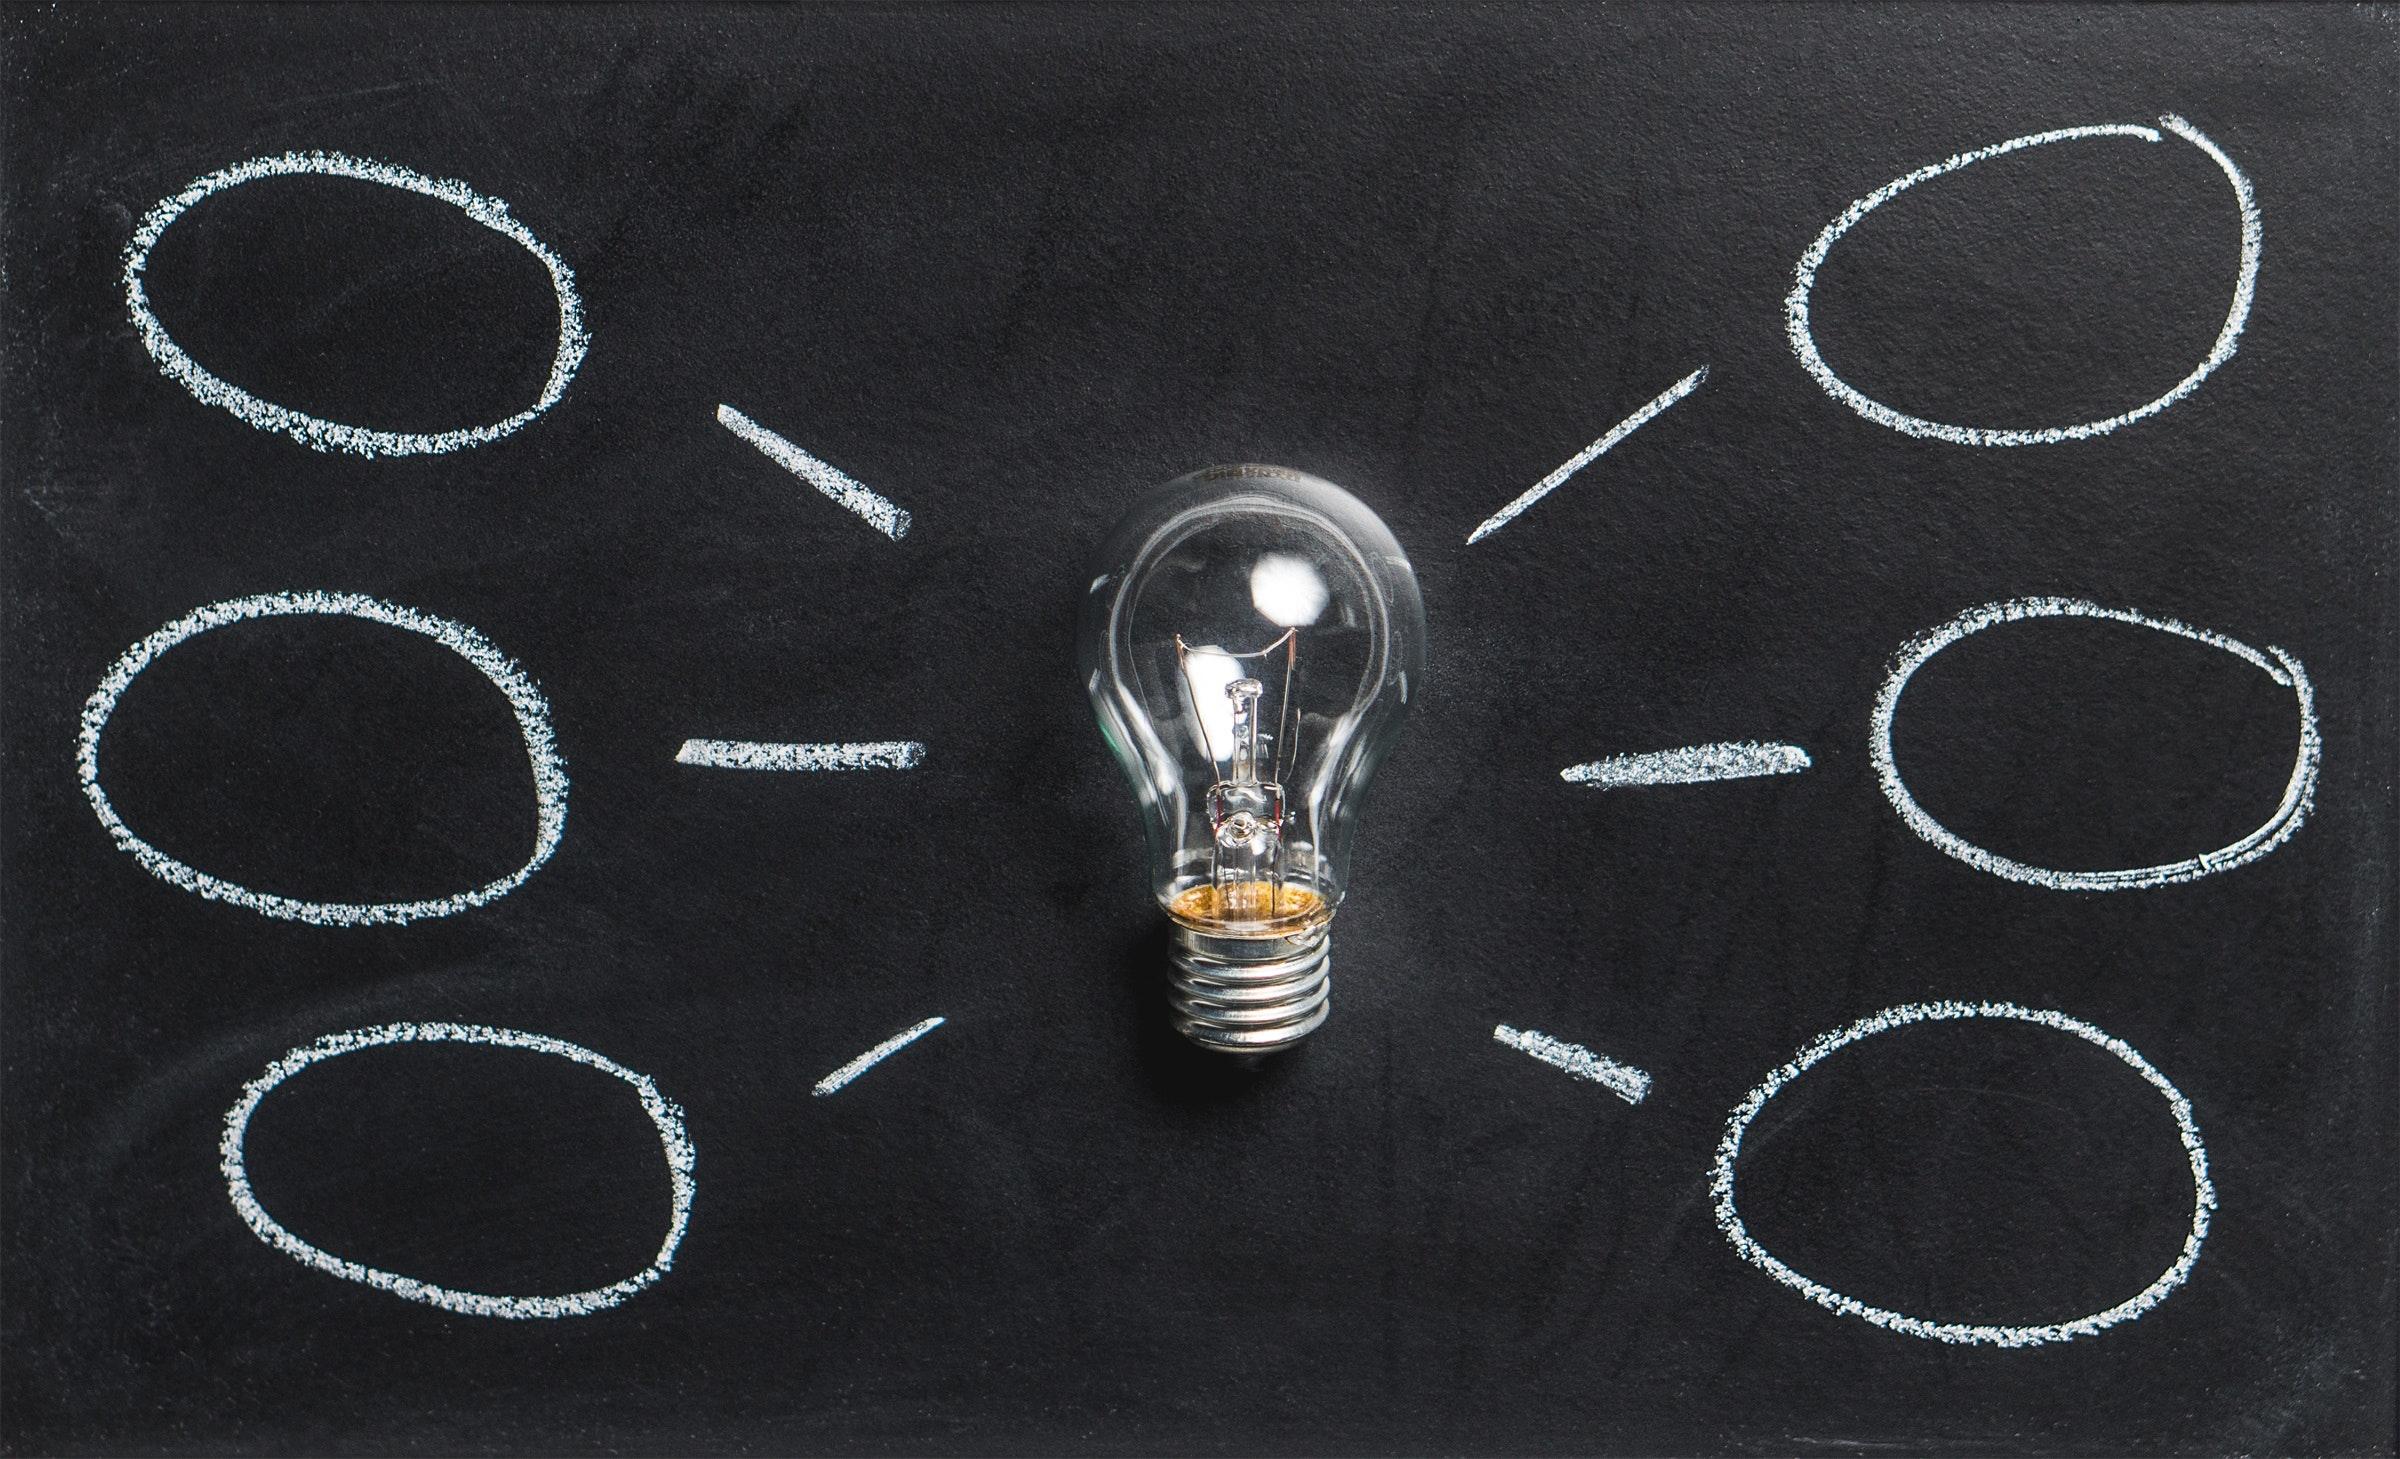 Uuring: kas tööandja brändinguga on üldse mõtet tegeleda?